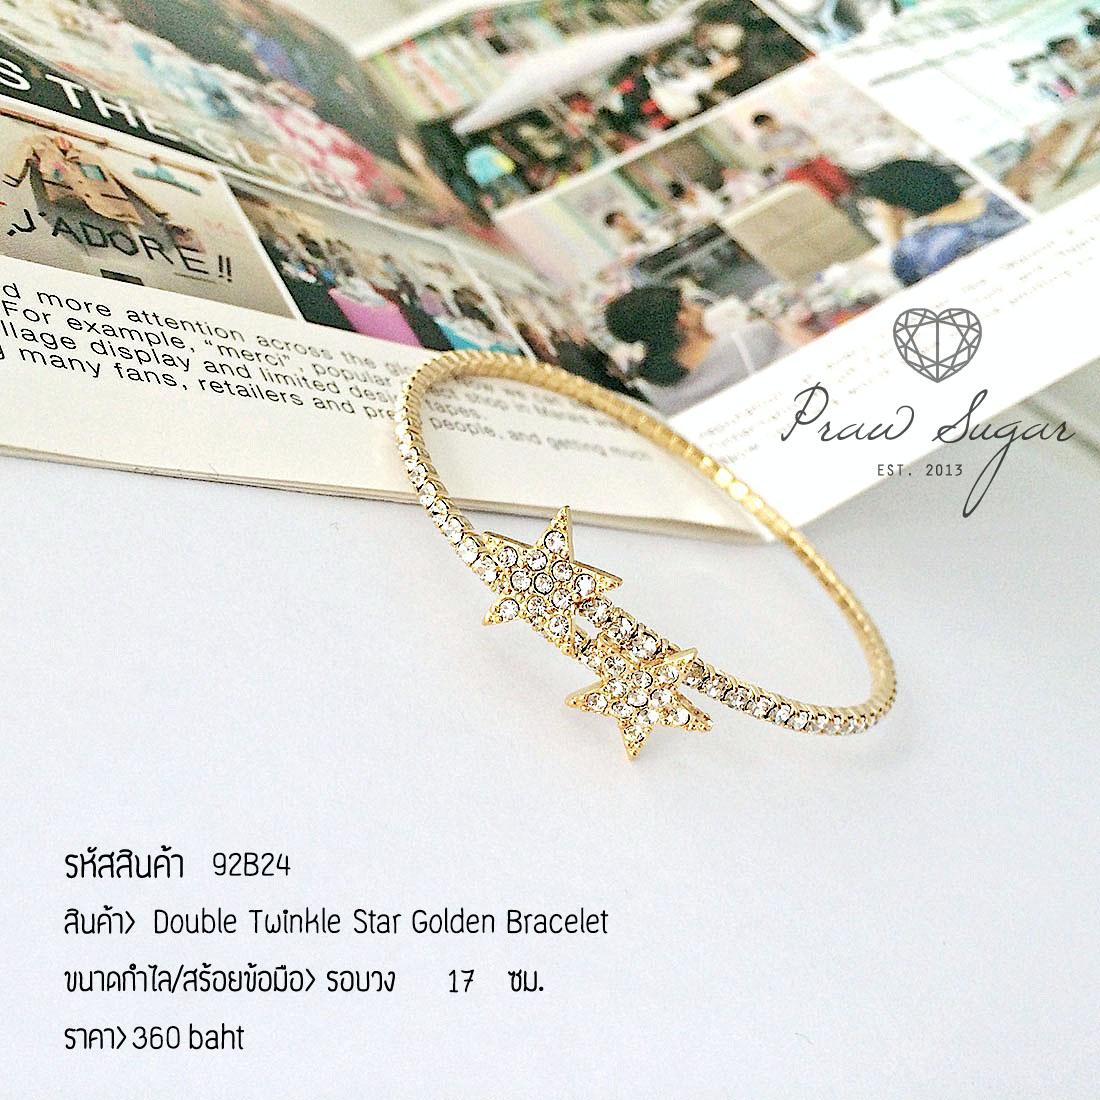 Double Twinkle Star Golden Bracelet